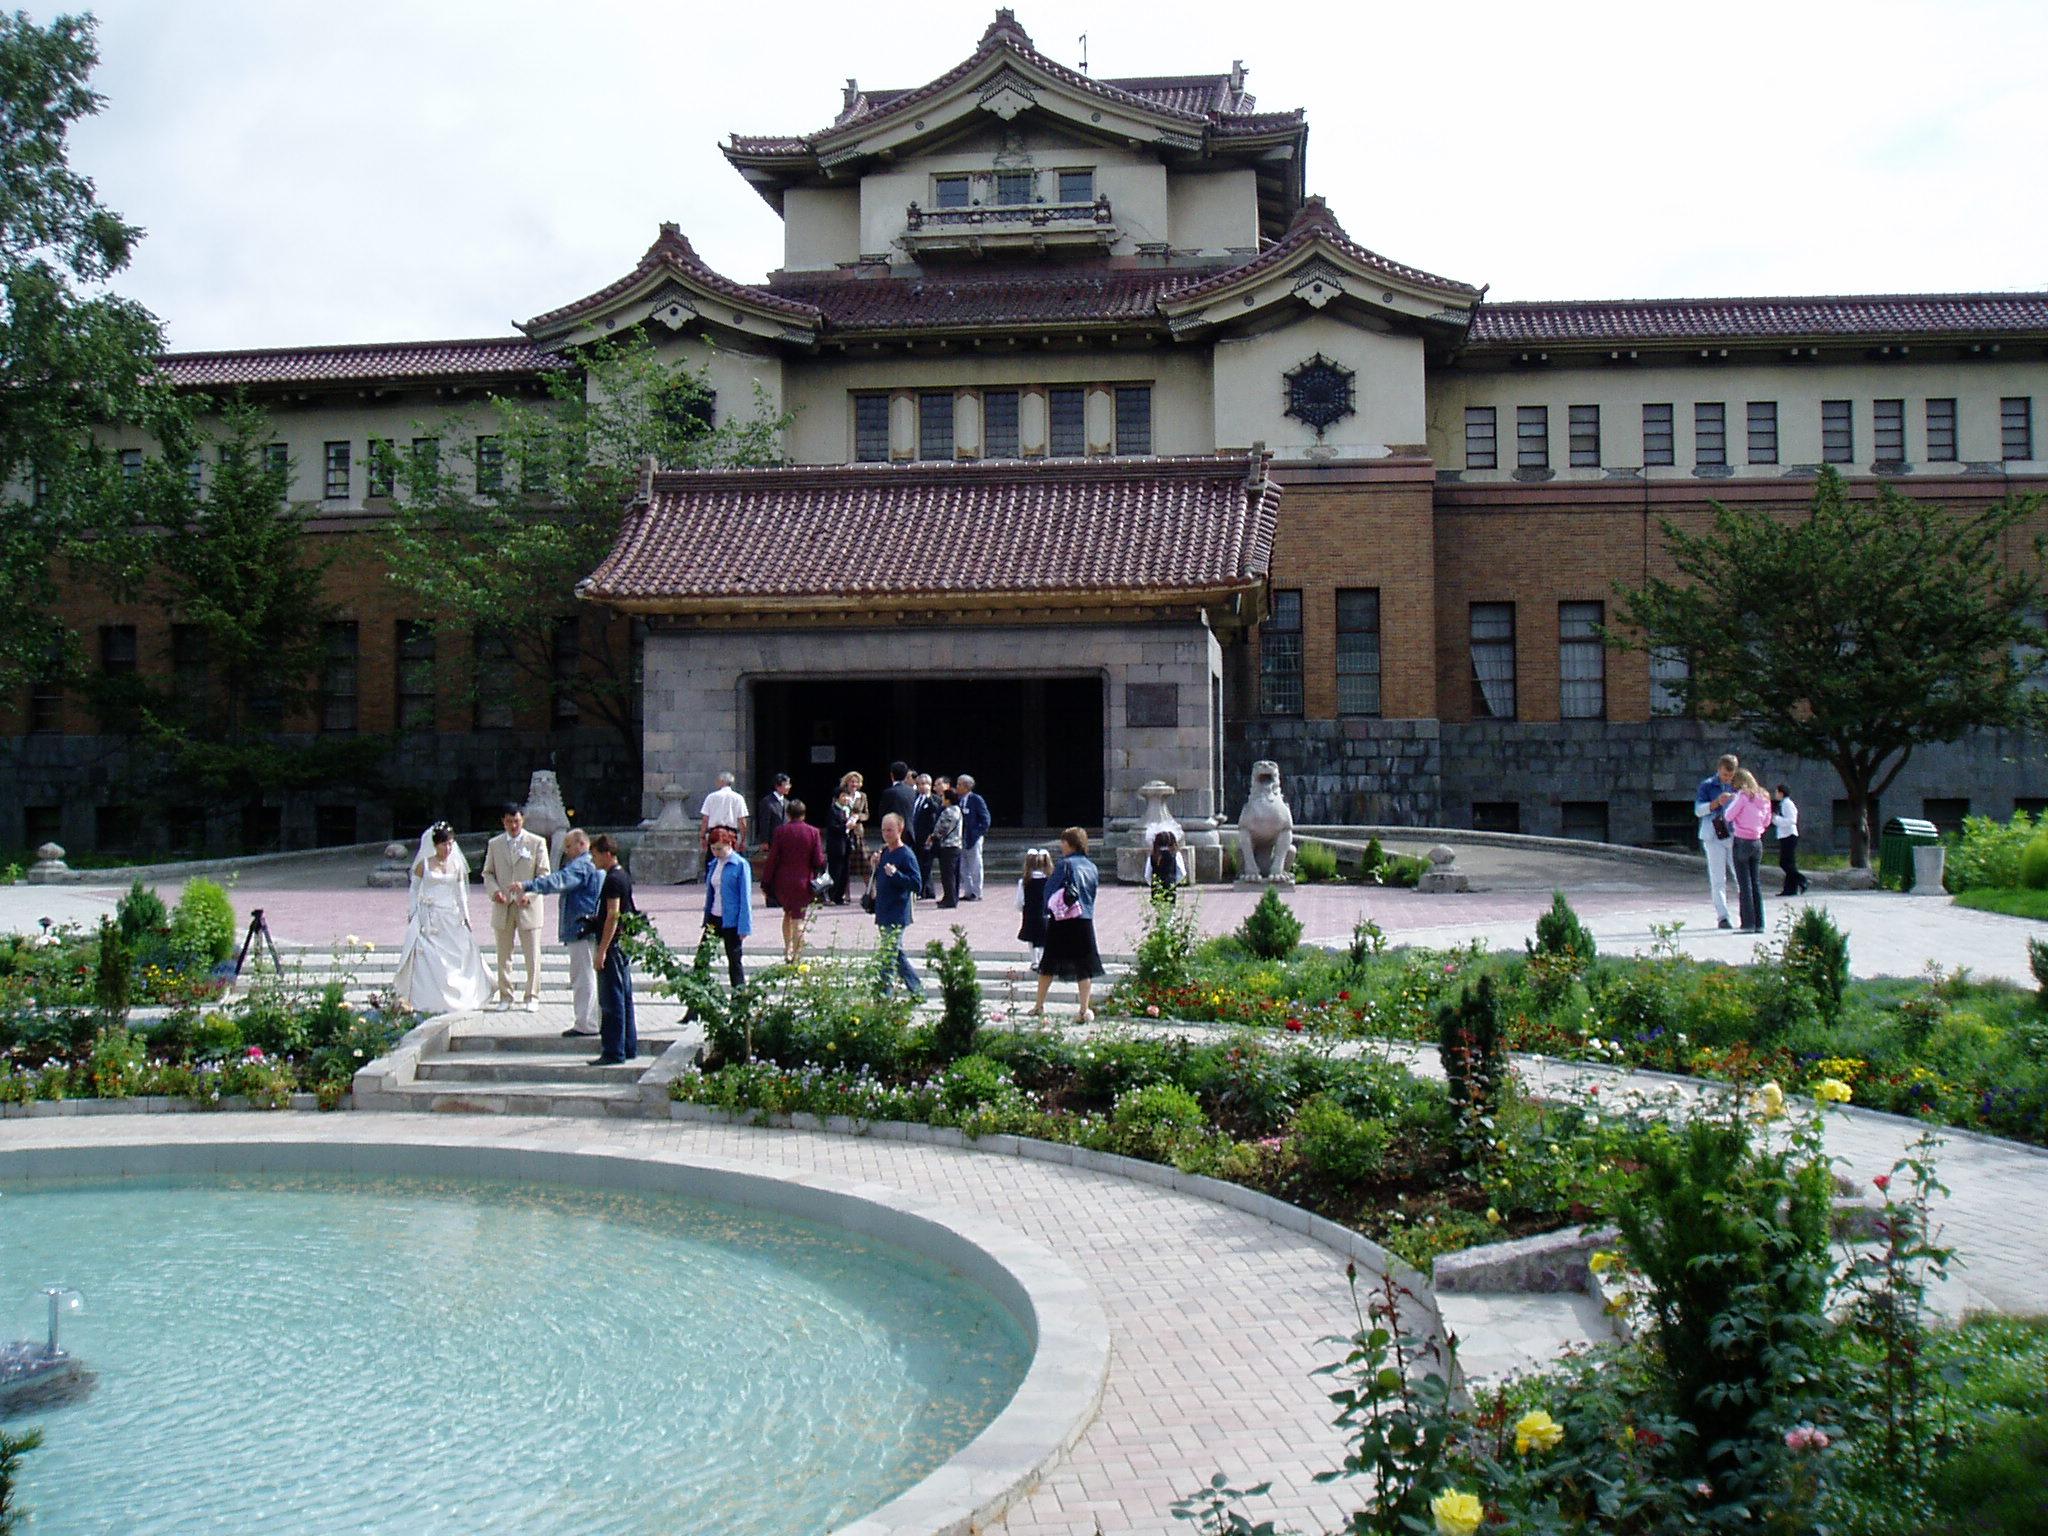 博物館(日本統治時代からの建物).jpg